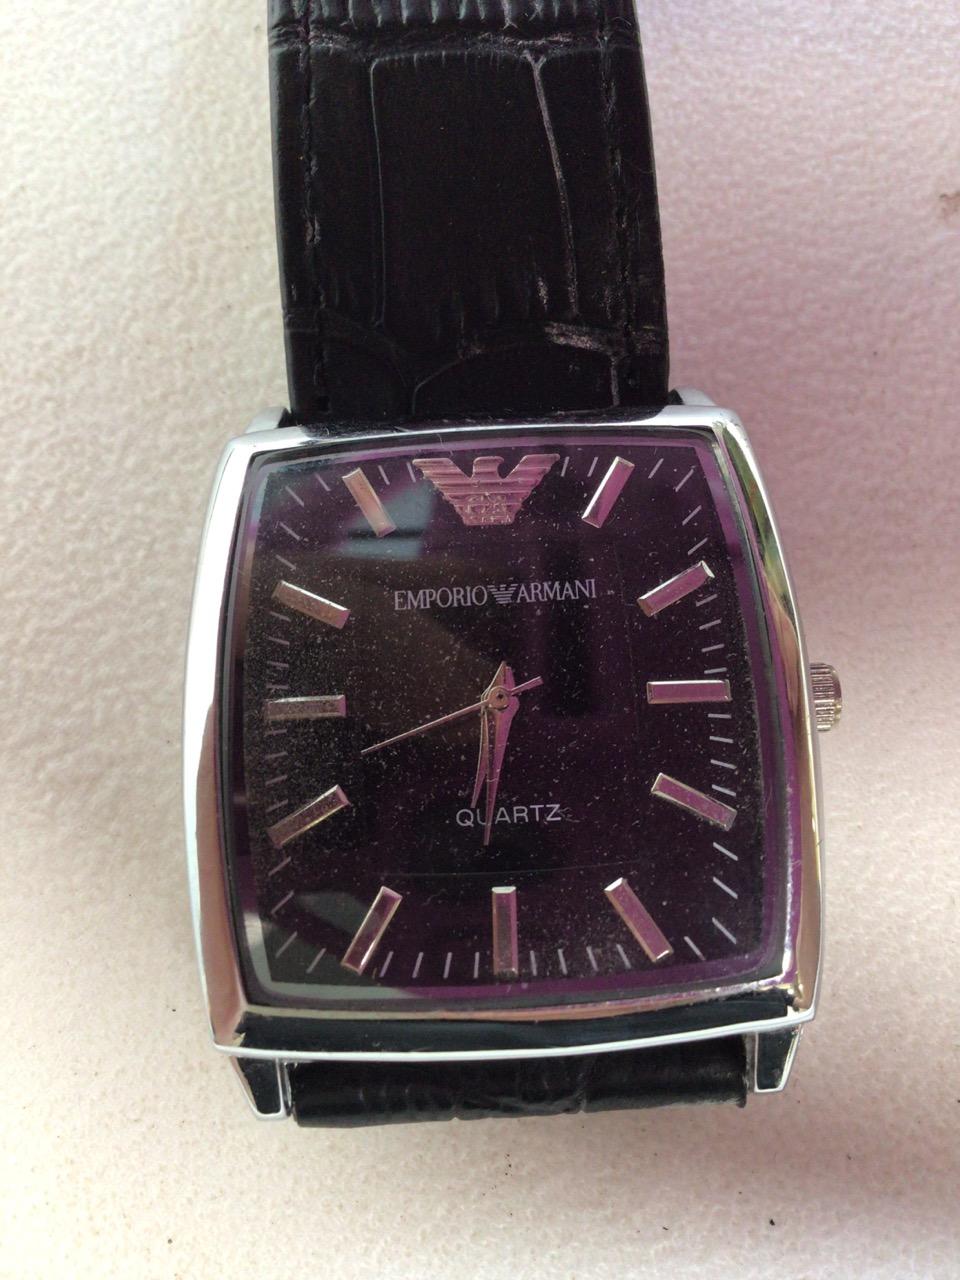 A Emporio Armani Quartz watch.